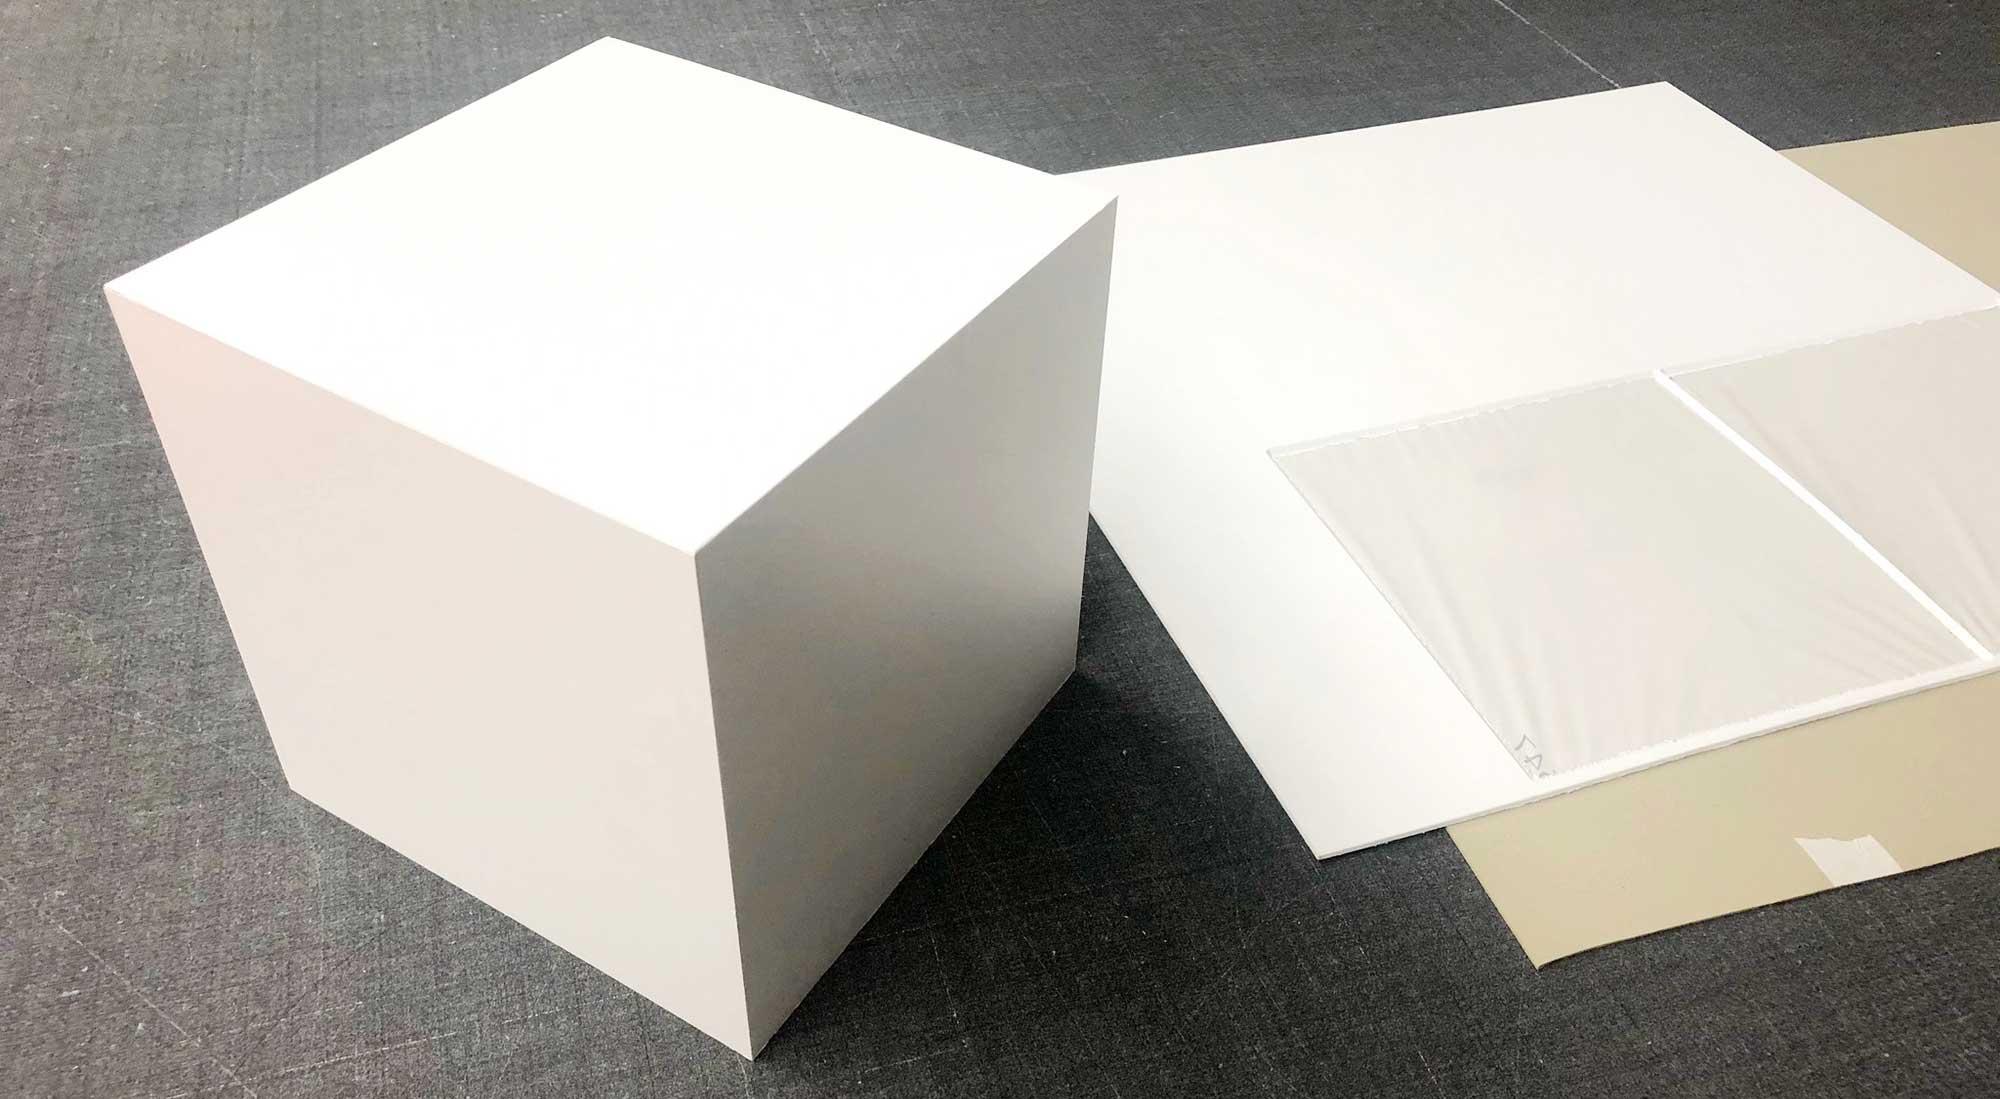 Würfel aus Freischaum © Atelier Haase - Foto: Hans-Heinrich Haase